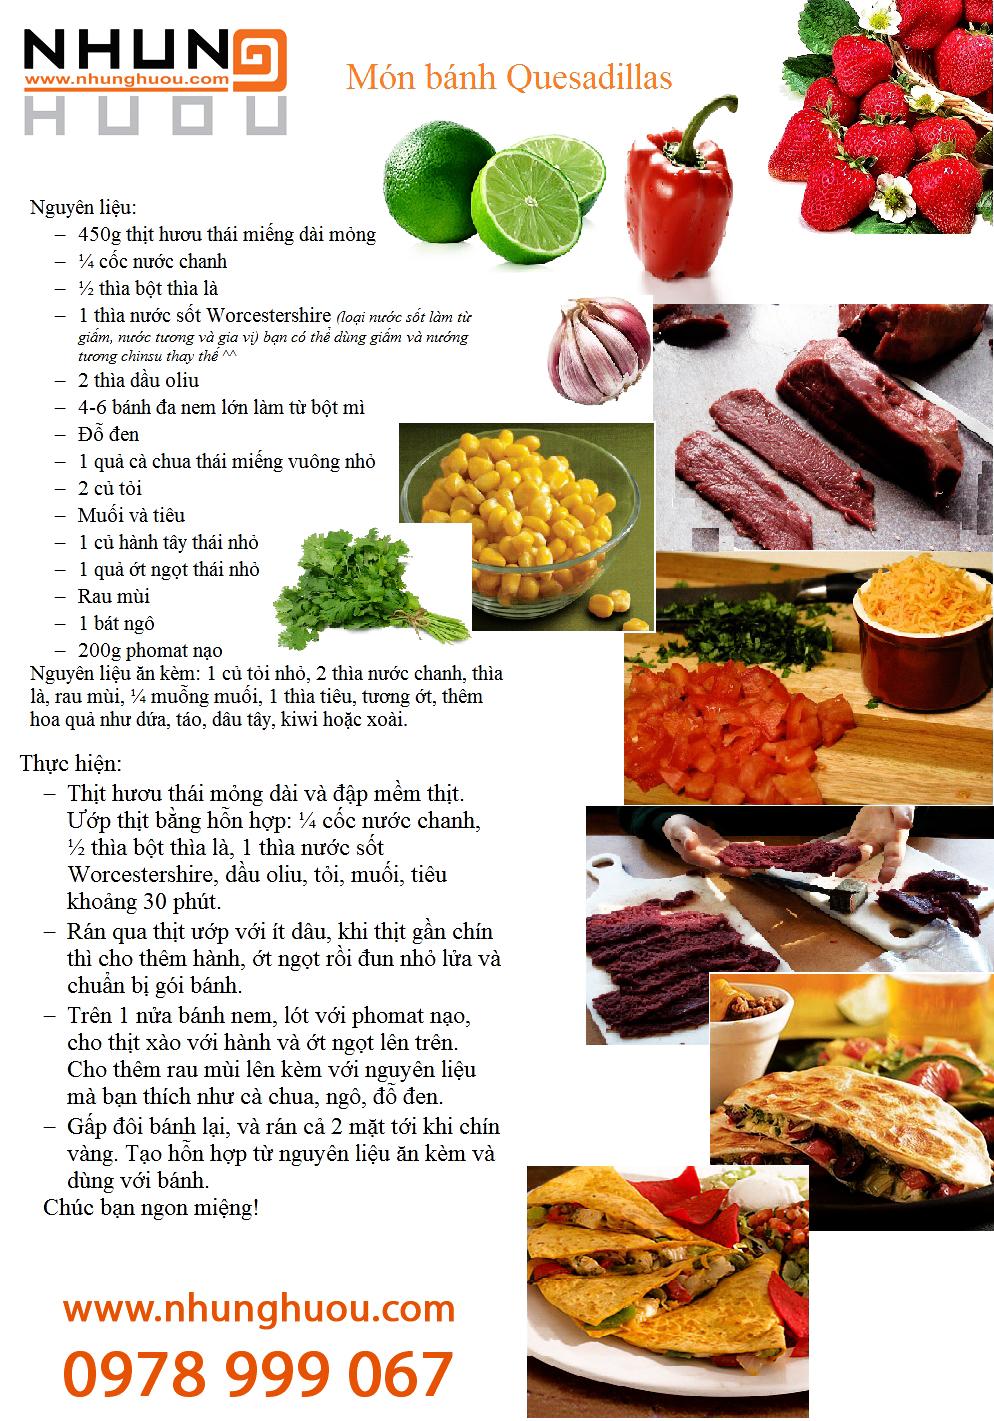 Thịt Hươu và cách chế biến nhiều món ngon từ thịt hươu - 8